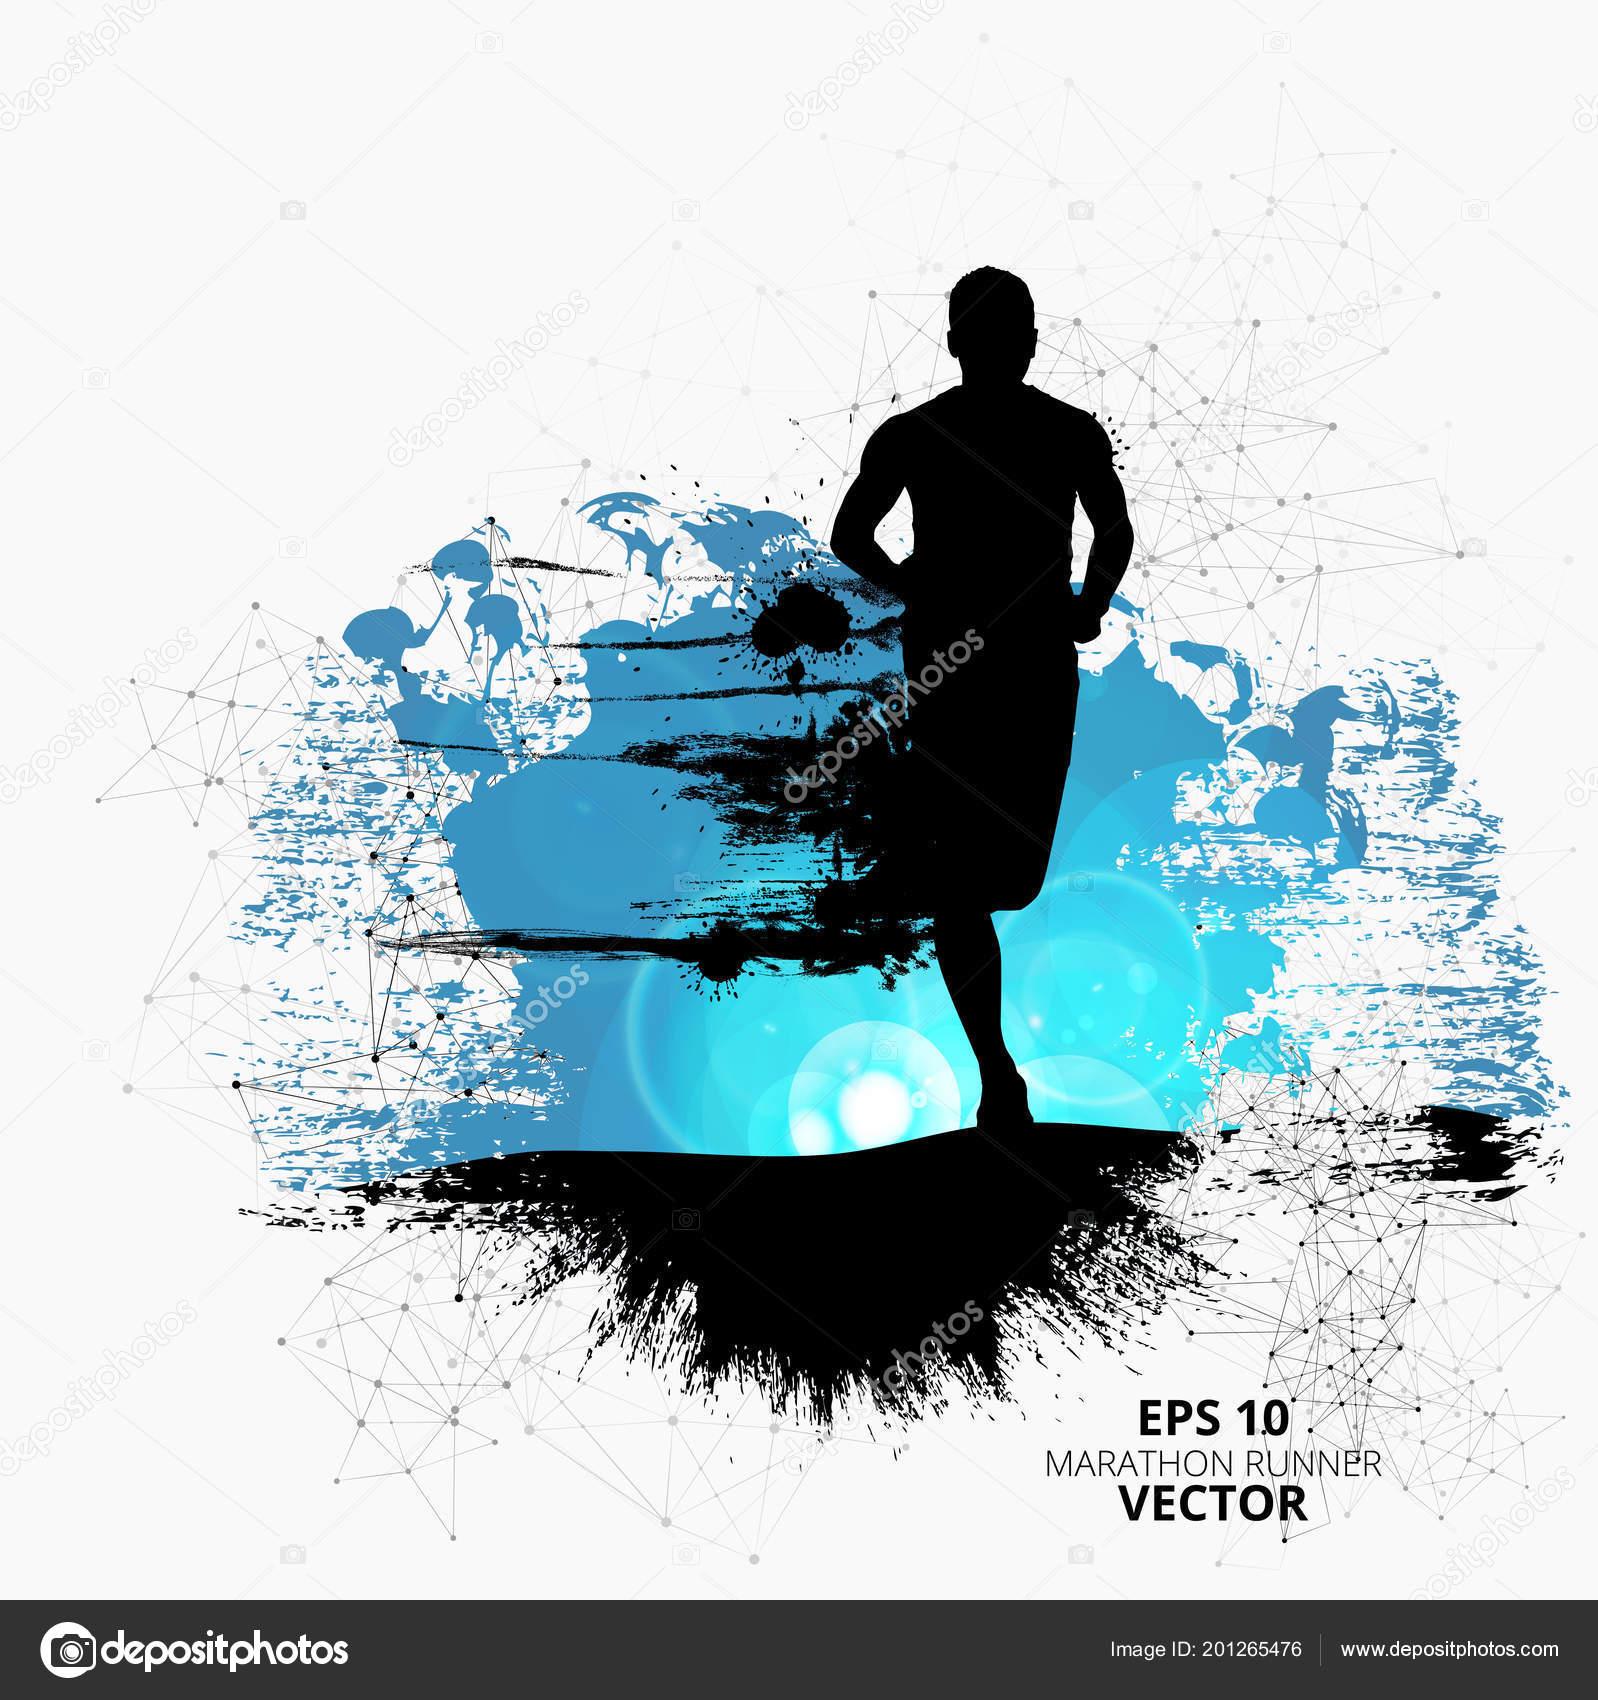 silhouette marathon runner vector illustration stock vector c zeber2010 201265476 https depositphotos com 201265476 stock illustration silhouette marathon runner vector illustration html